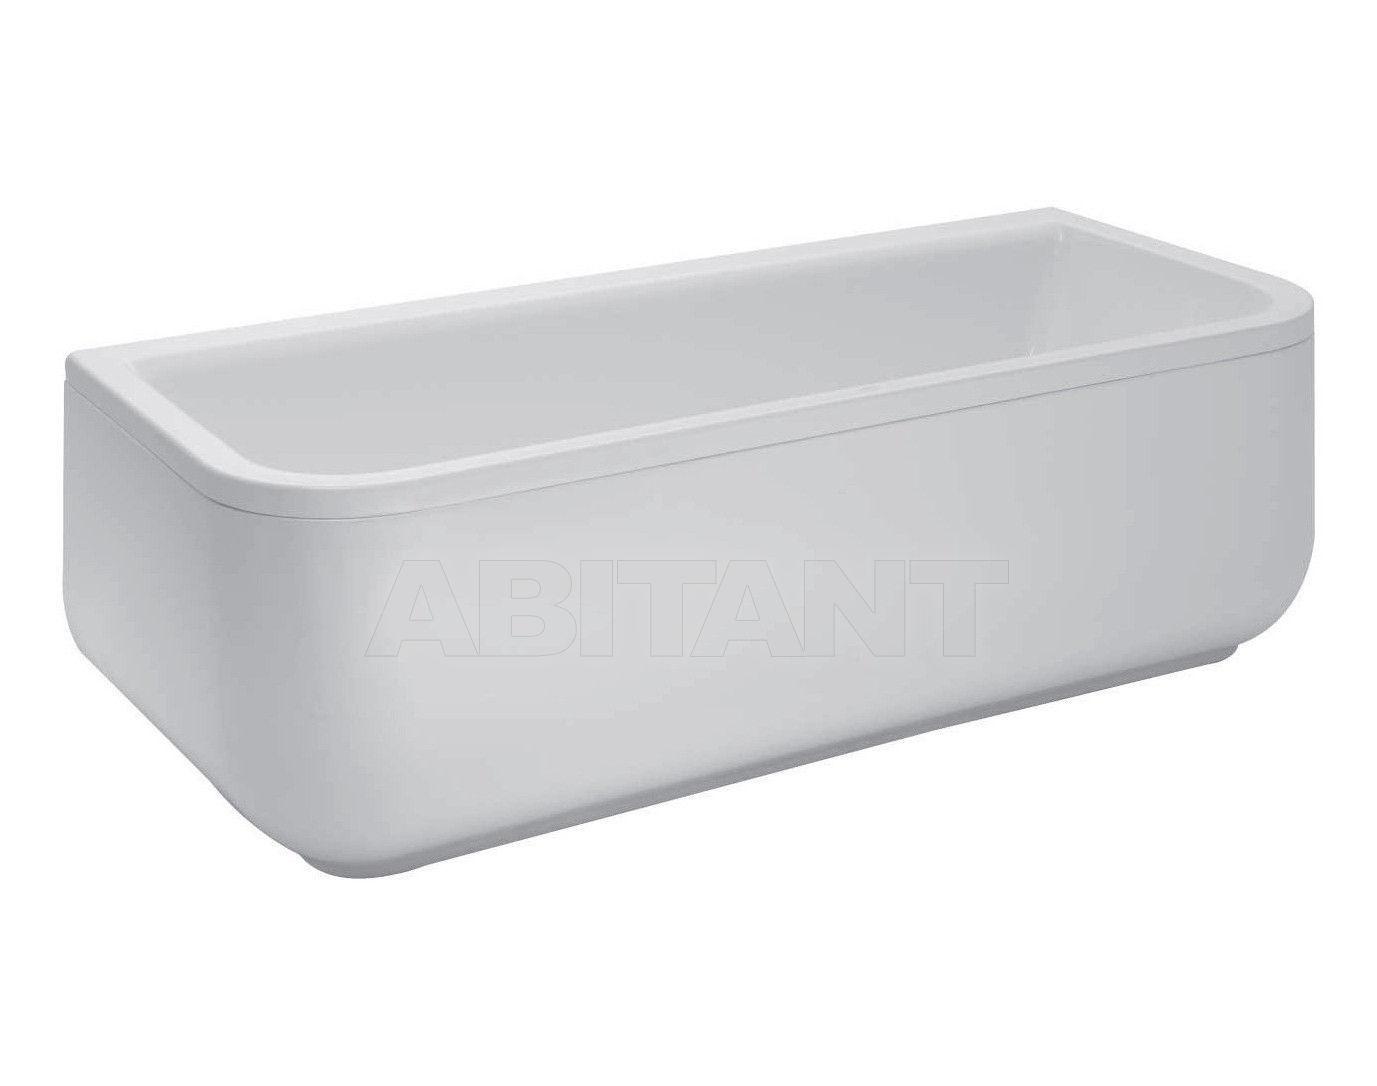 Купить Ванна Form Laufen Form 2.3267.7.000.000.1